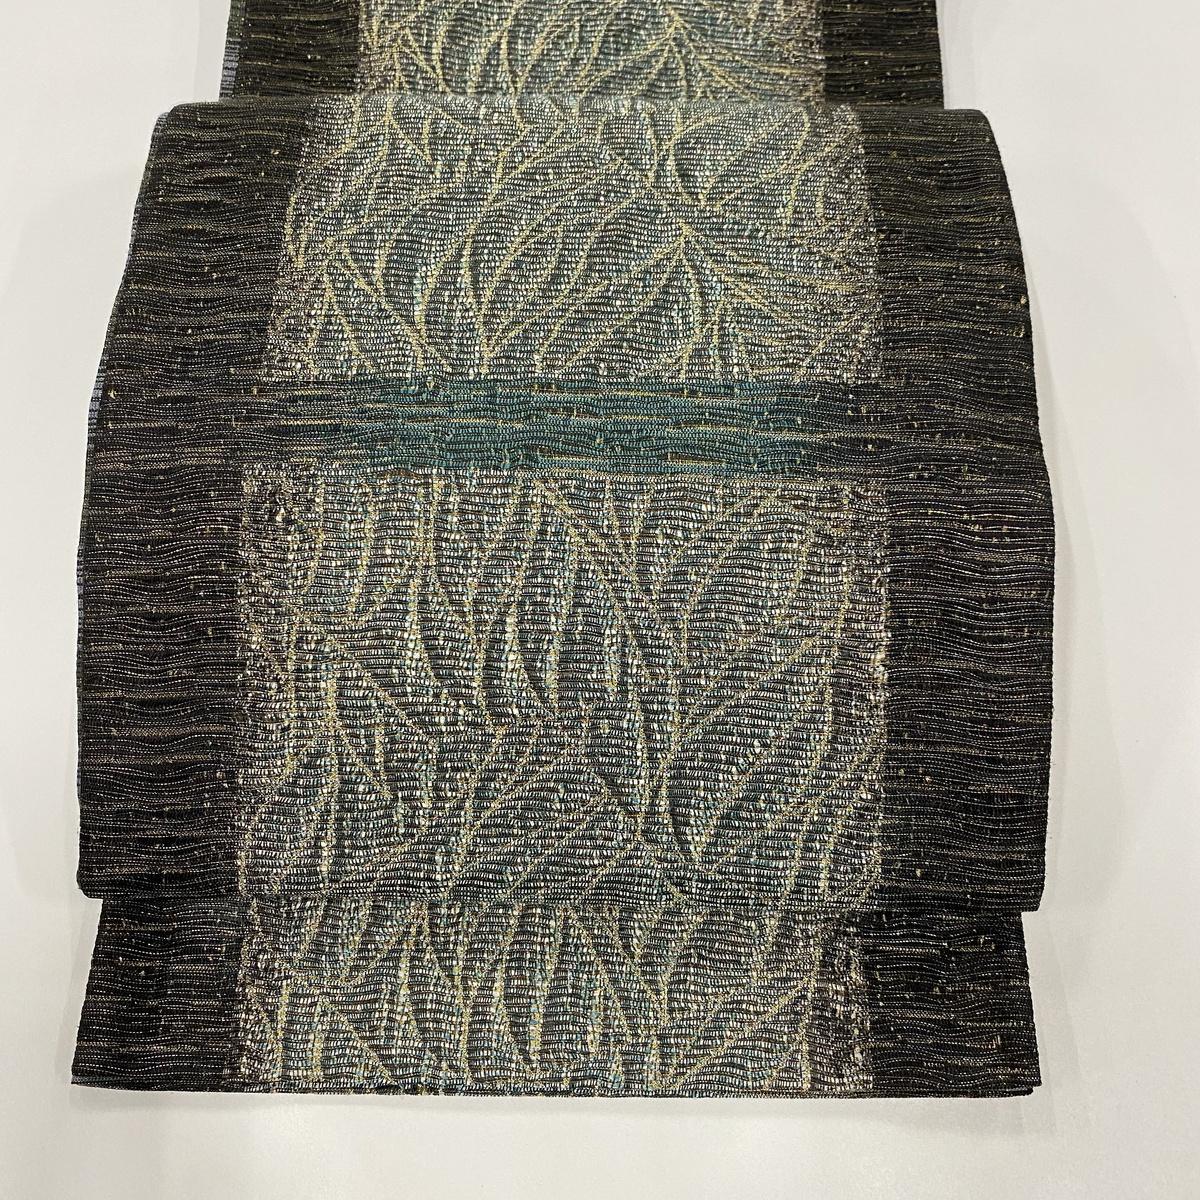 袋帯 美品 秀品 やまと誂製 葉柄 金糸 深緑 全通 正絹 【中古】